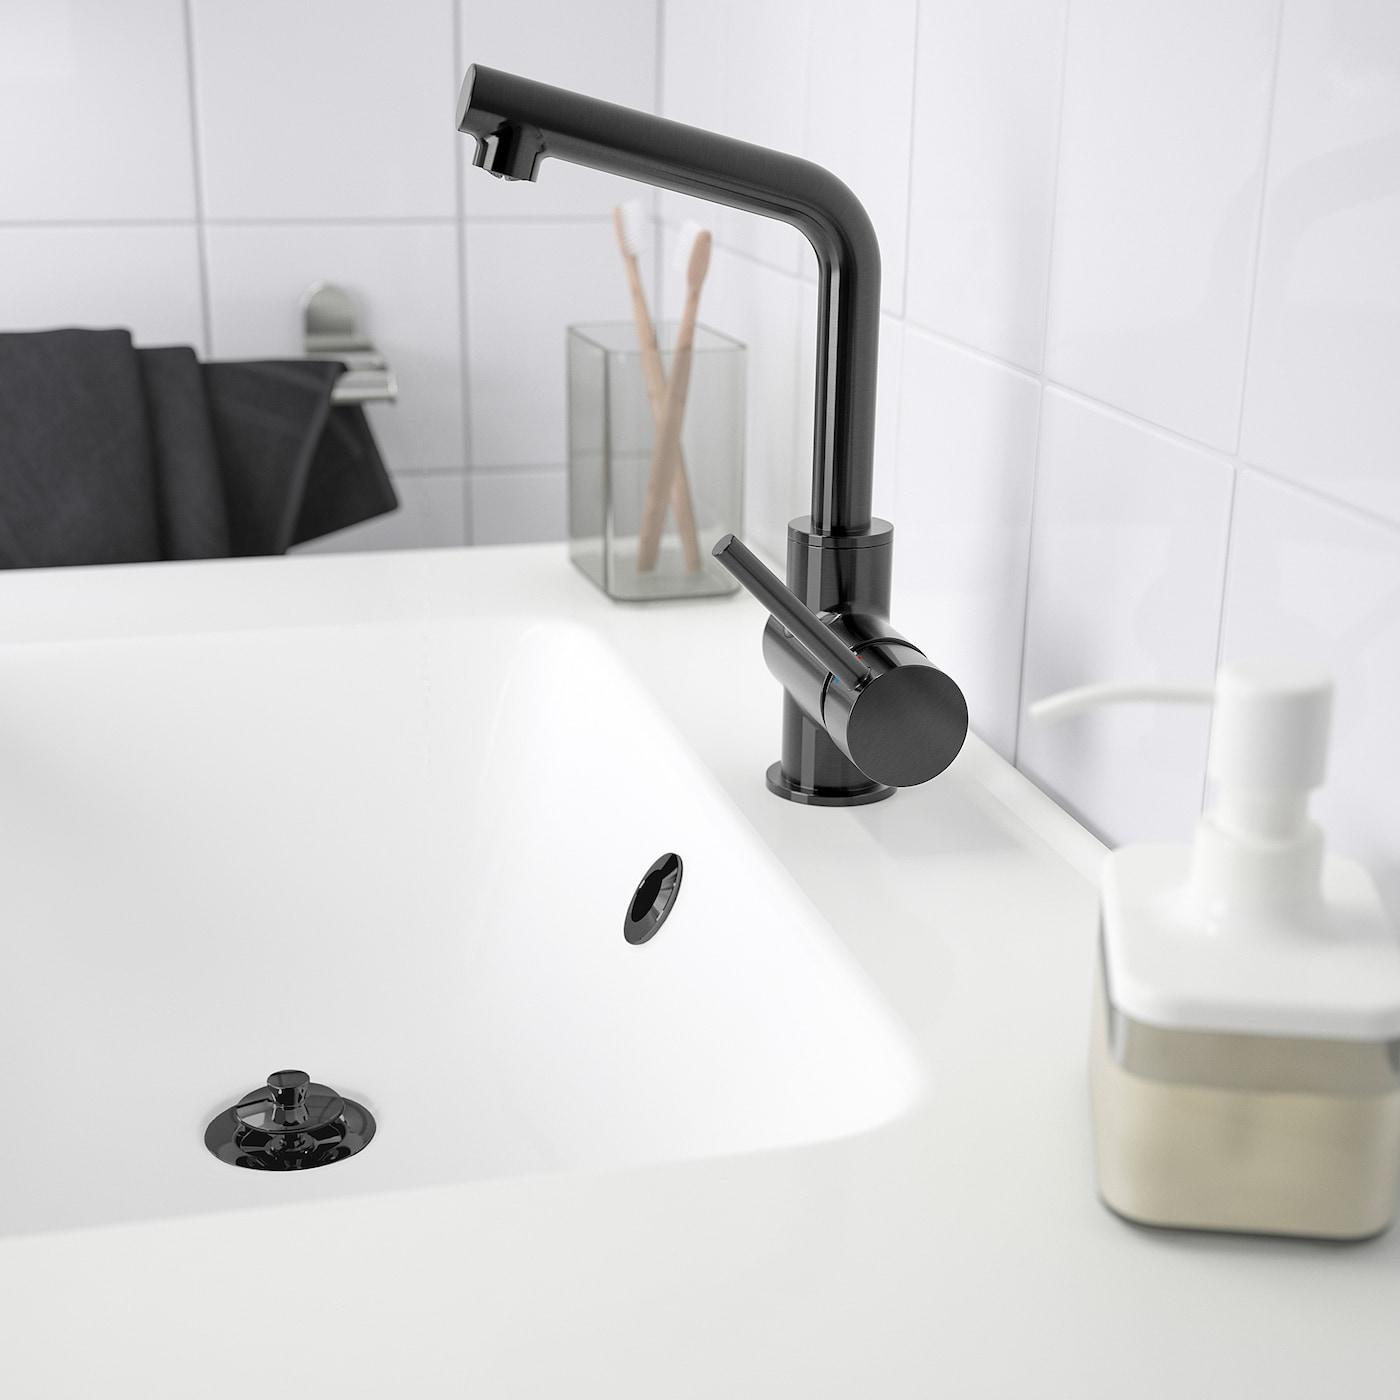 LUNDSKÄR Wash-basin mixer tap with strainer, black